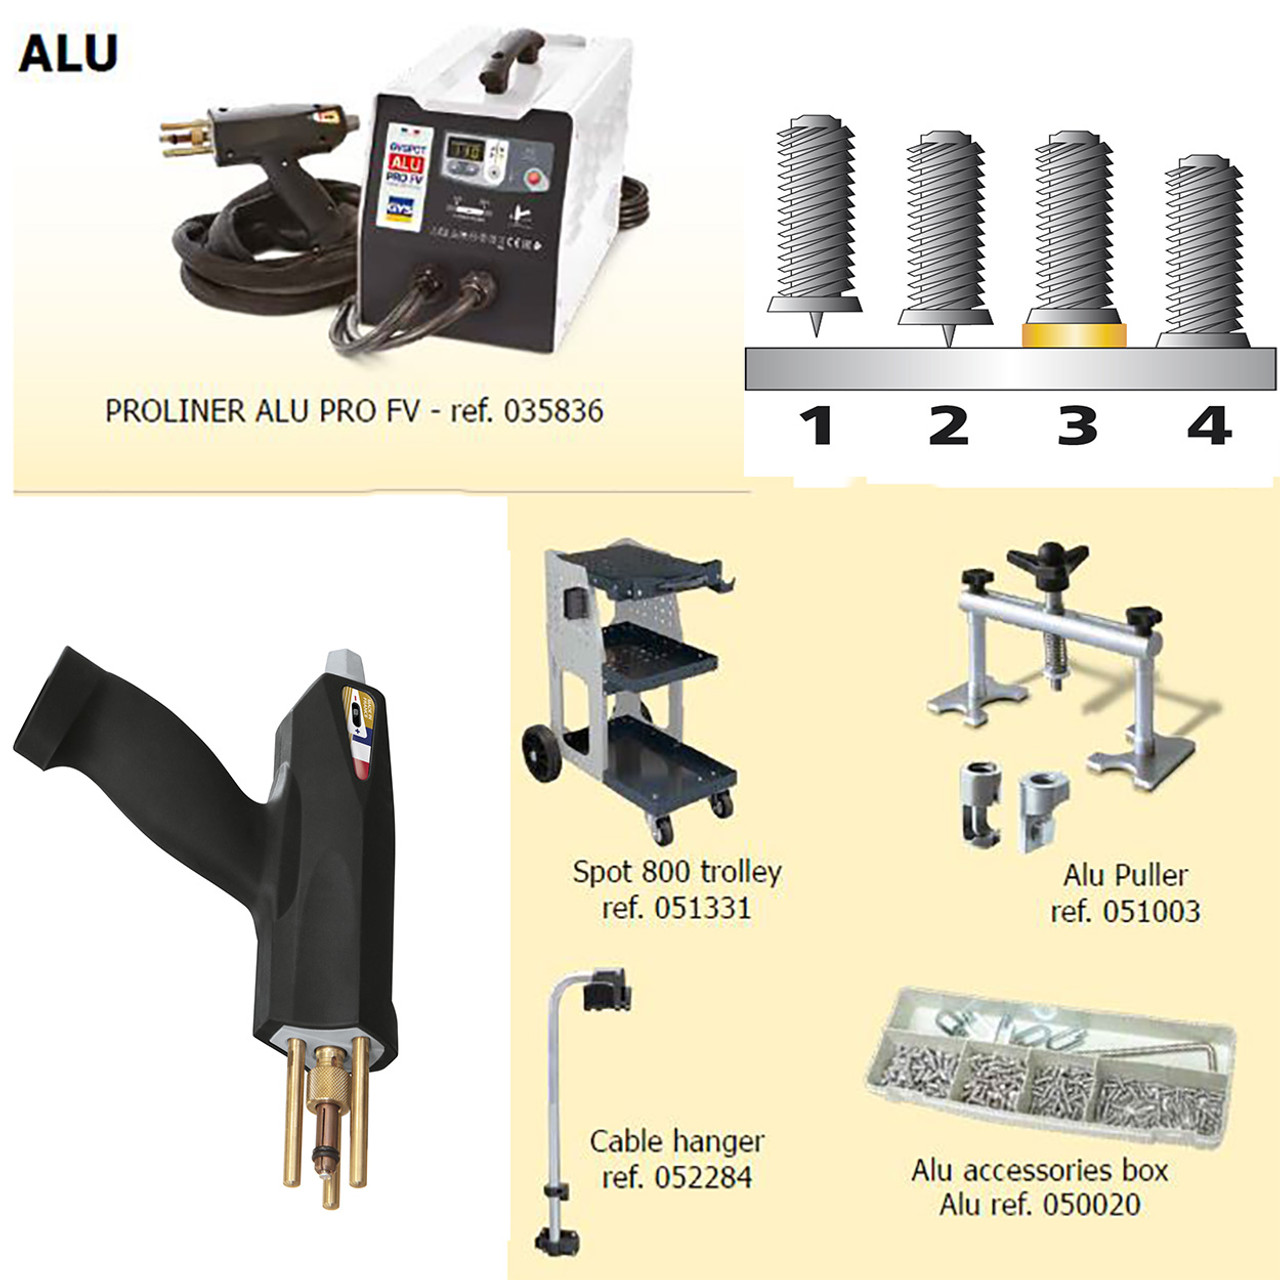 GYS PROLINER ALU PRO FV - Aluminum Dent Pulling Station